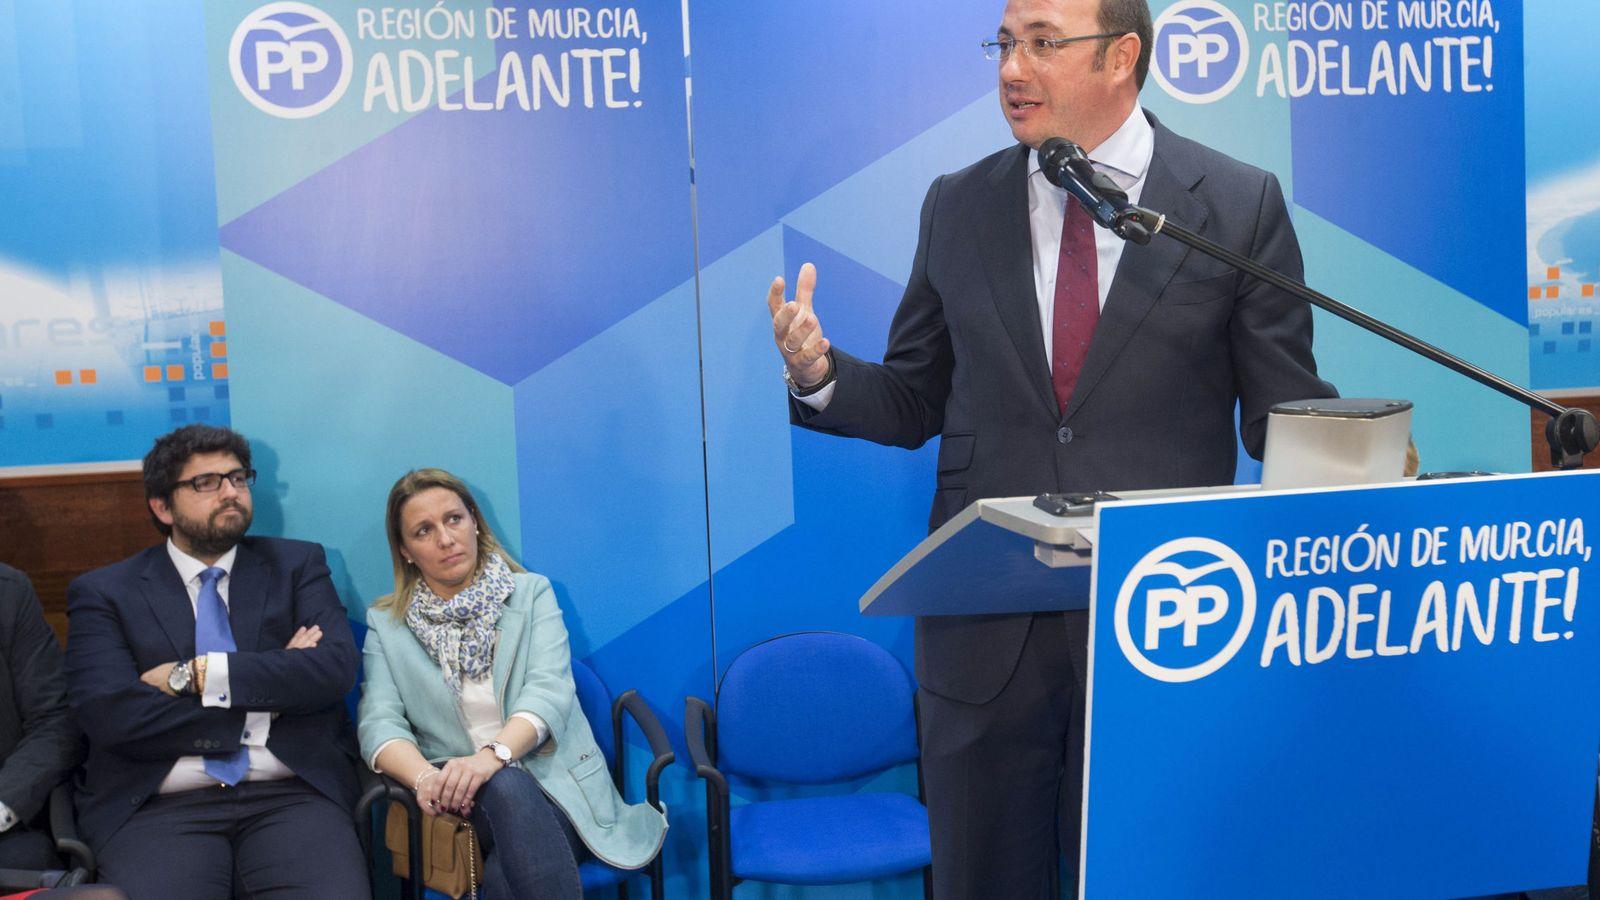 Foto: El expresidente de la Región de Murcia Pedro Antonio Sánchez. (EFE)